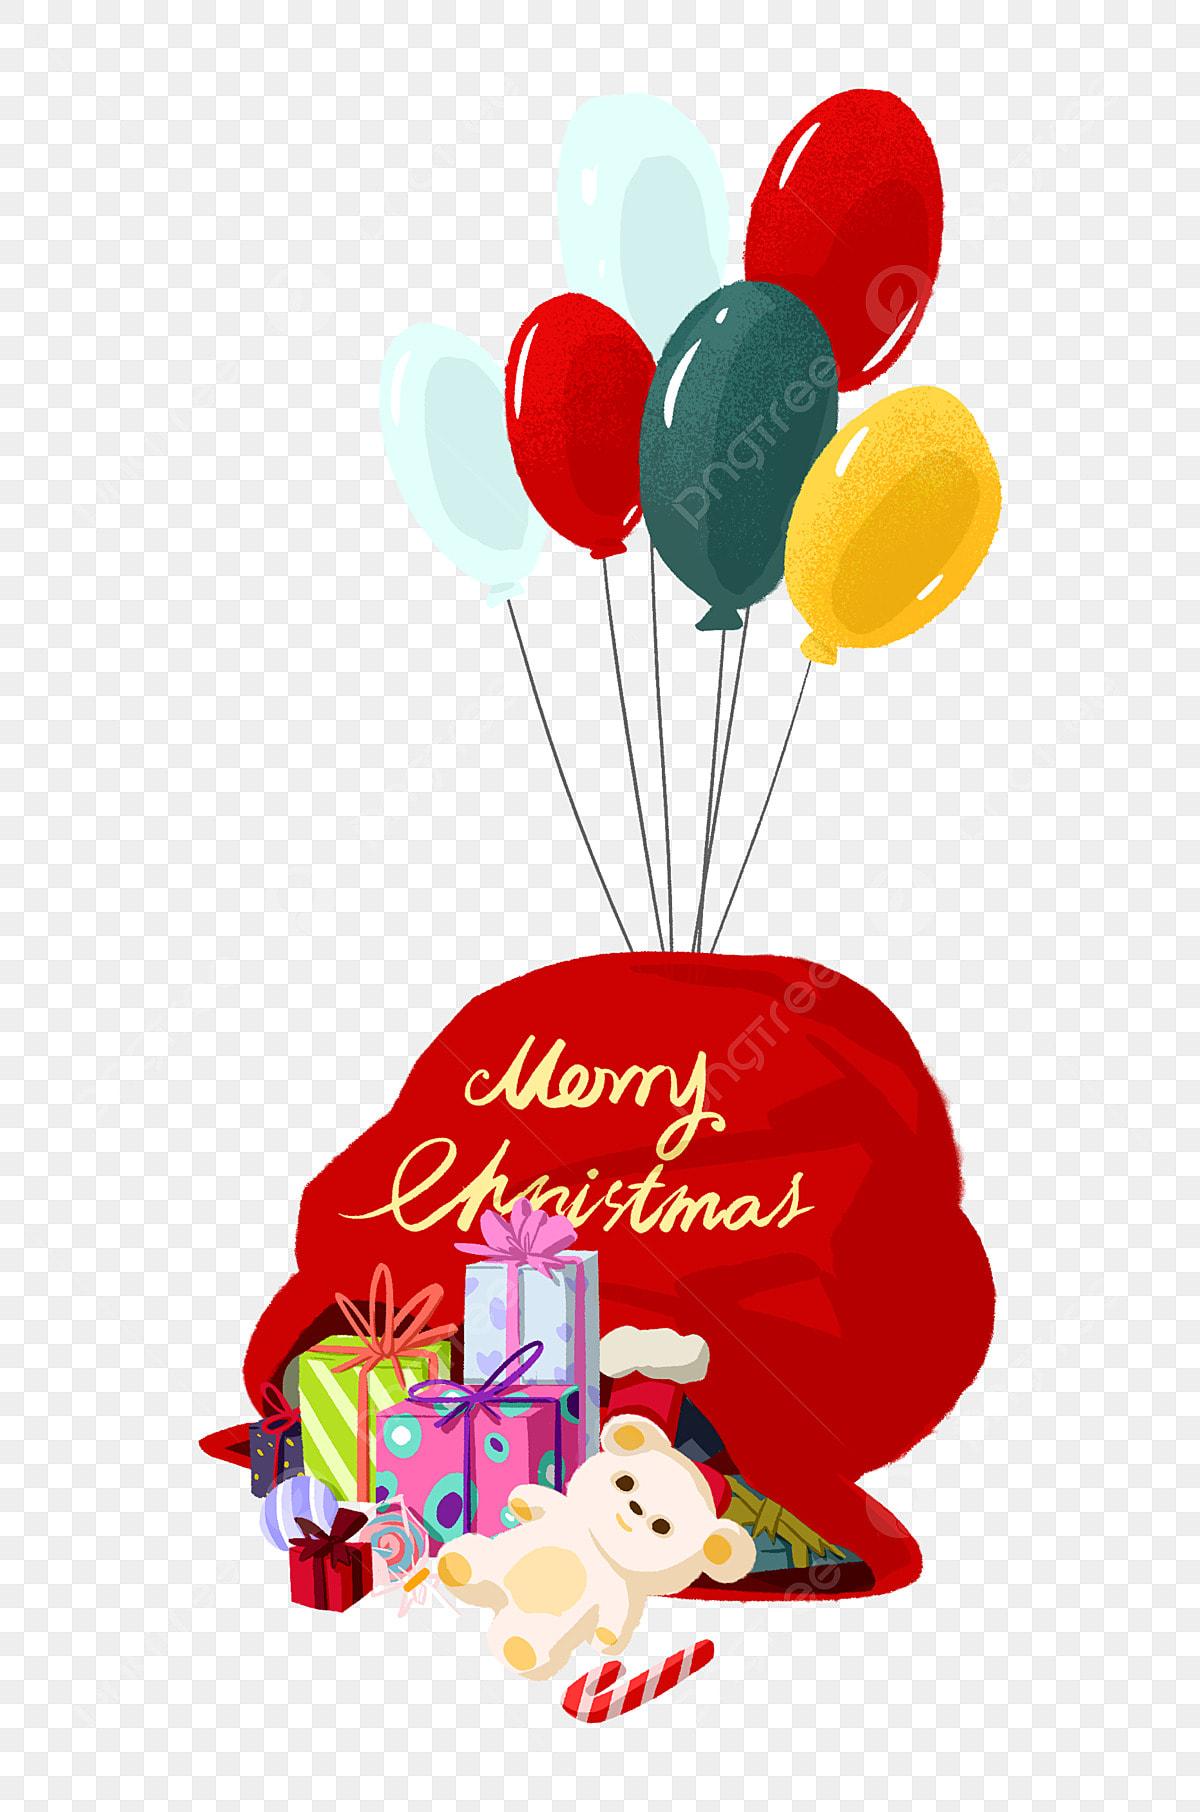 Christmas Colorful Balloons Christmas Gift Bag Gift Red